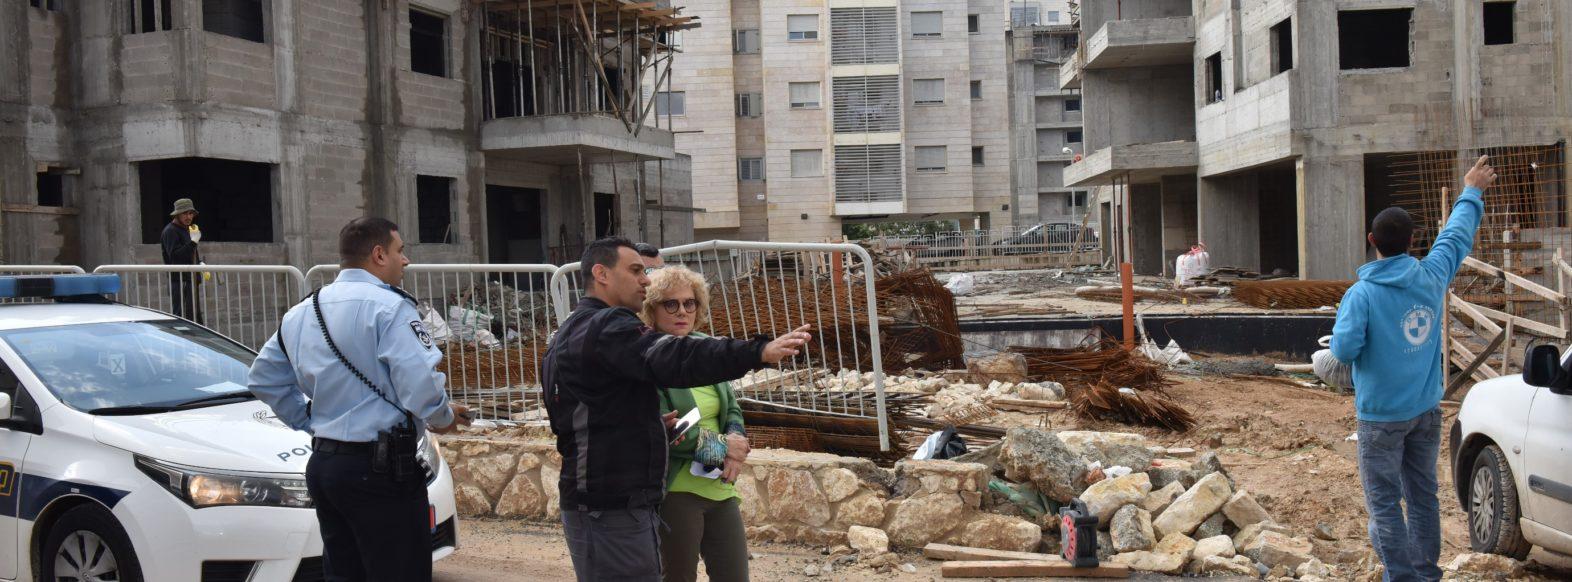 ק. אתא-מבצע אכיפה באתרי הבנייה בעיר